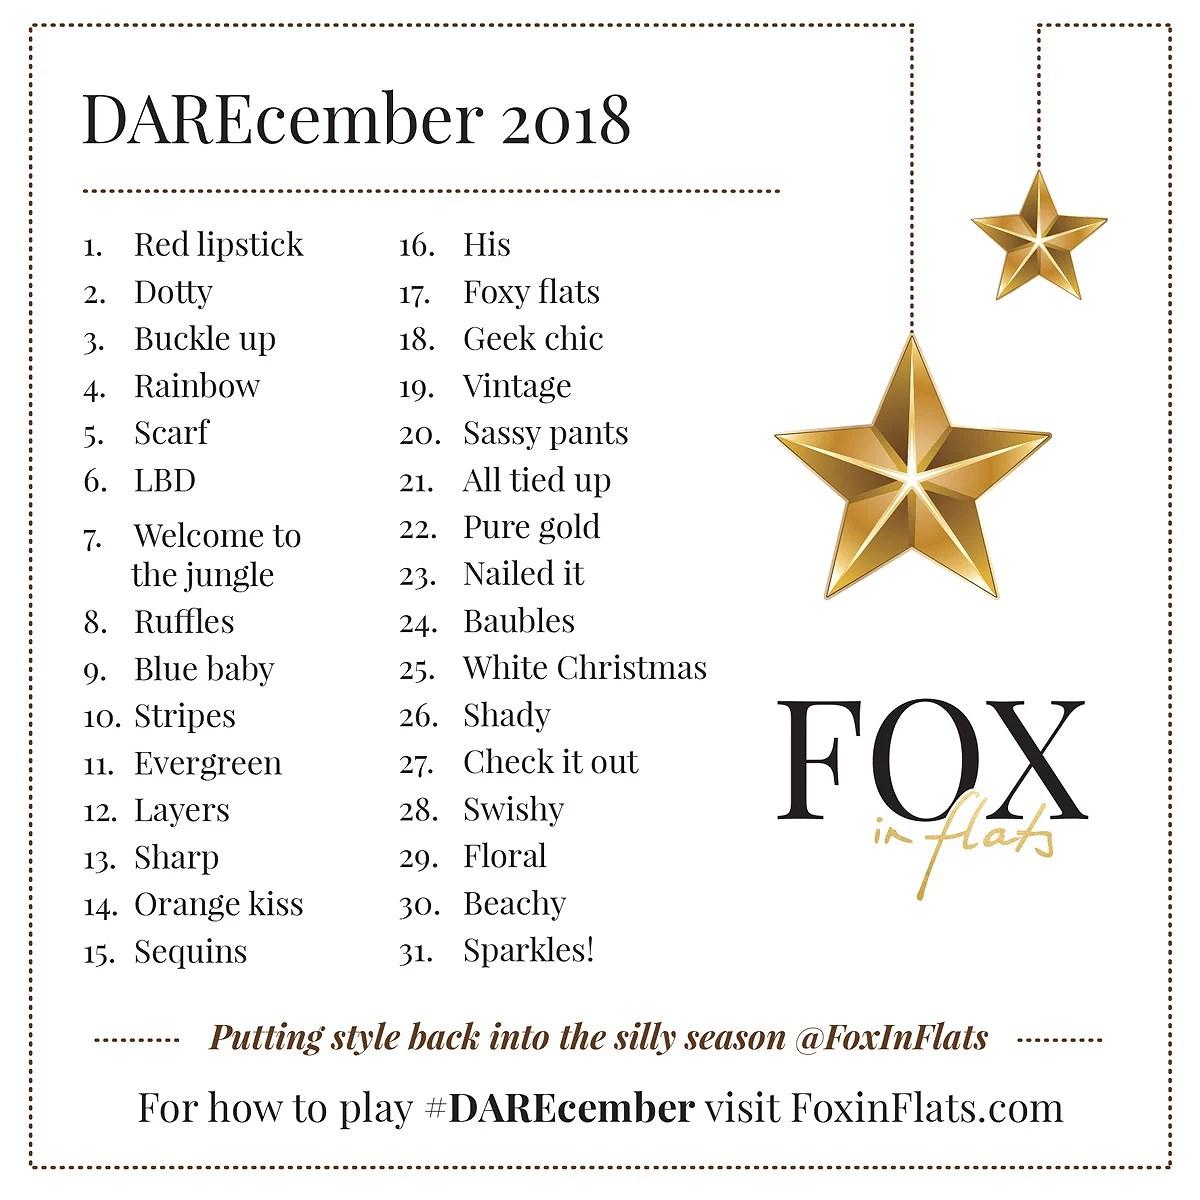 DAREcember 2018